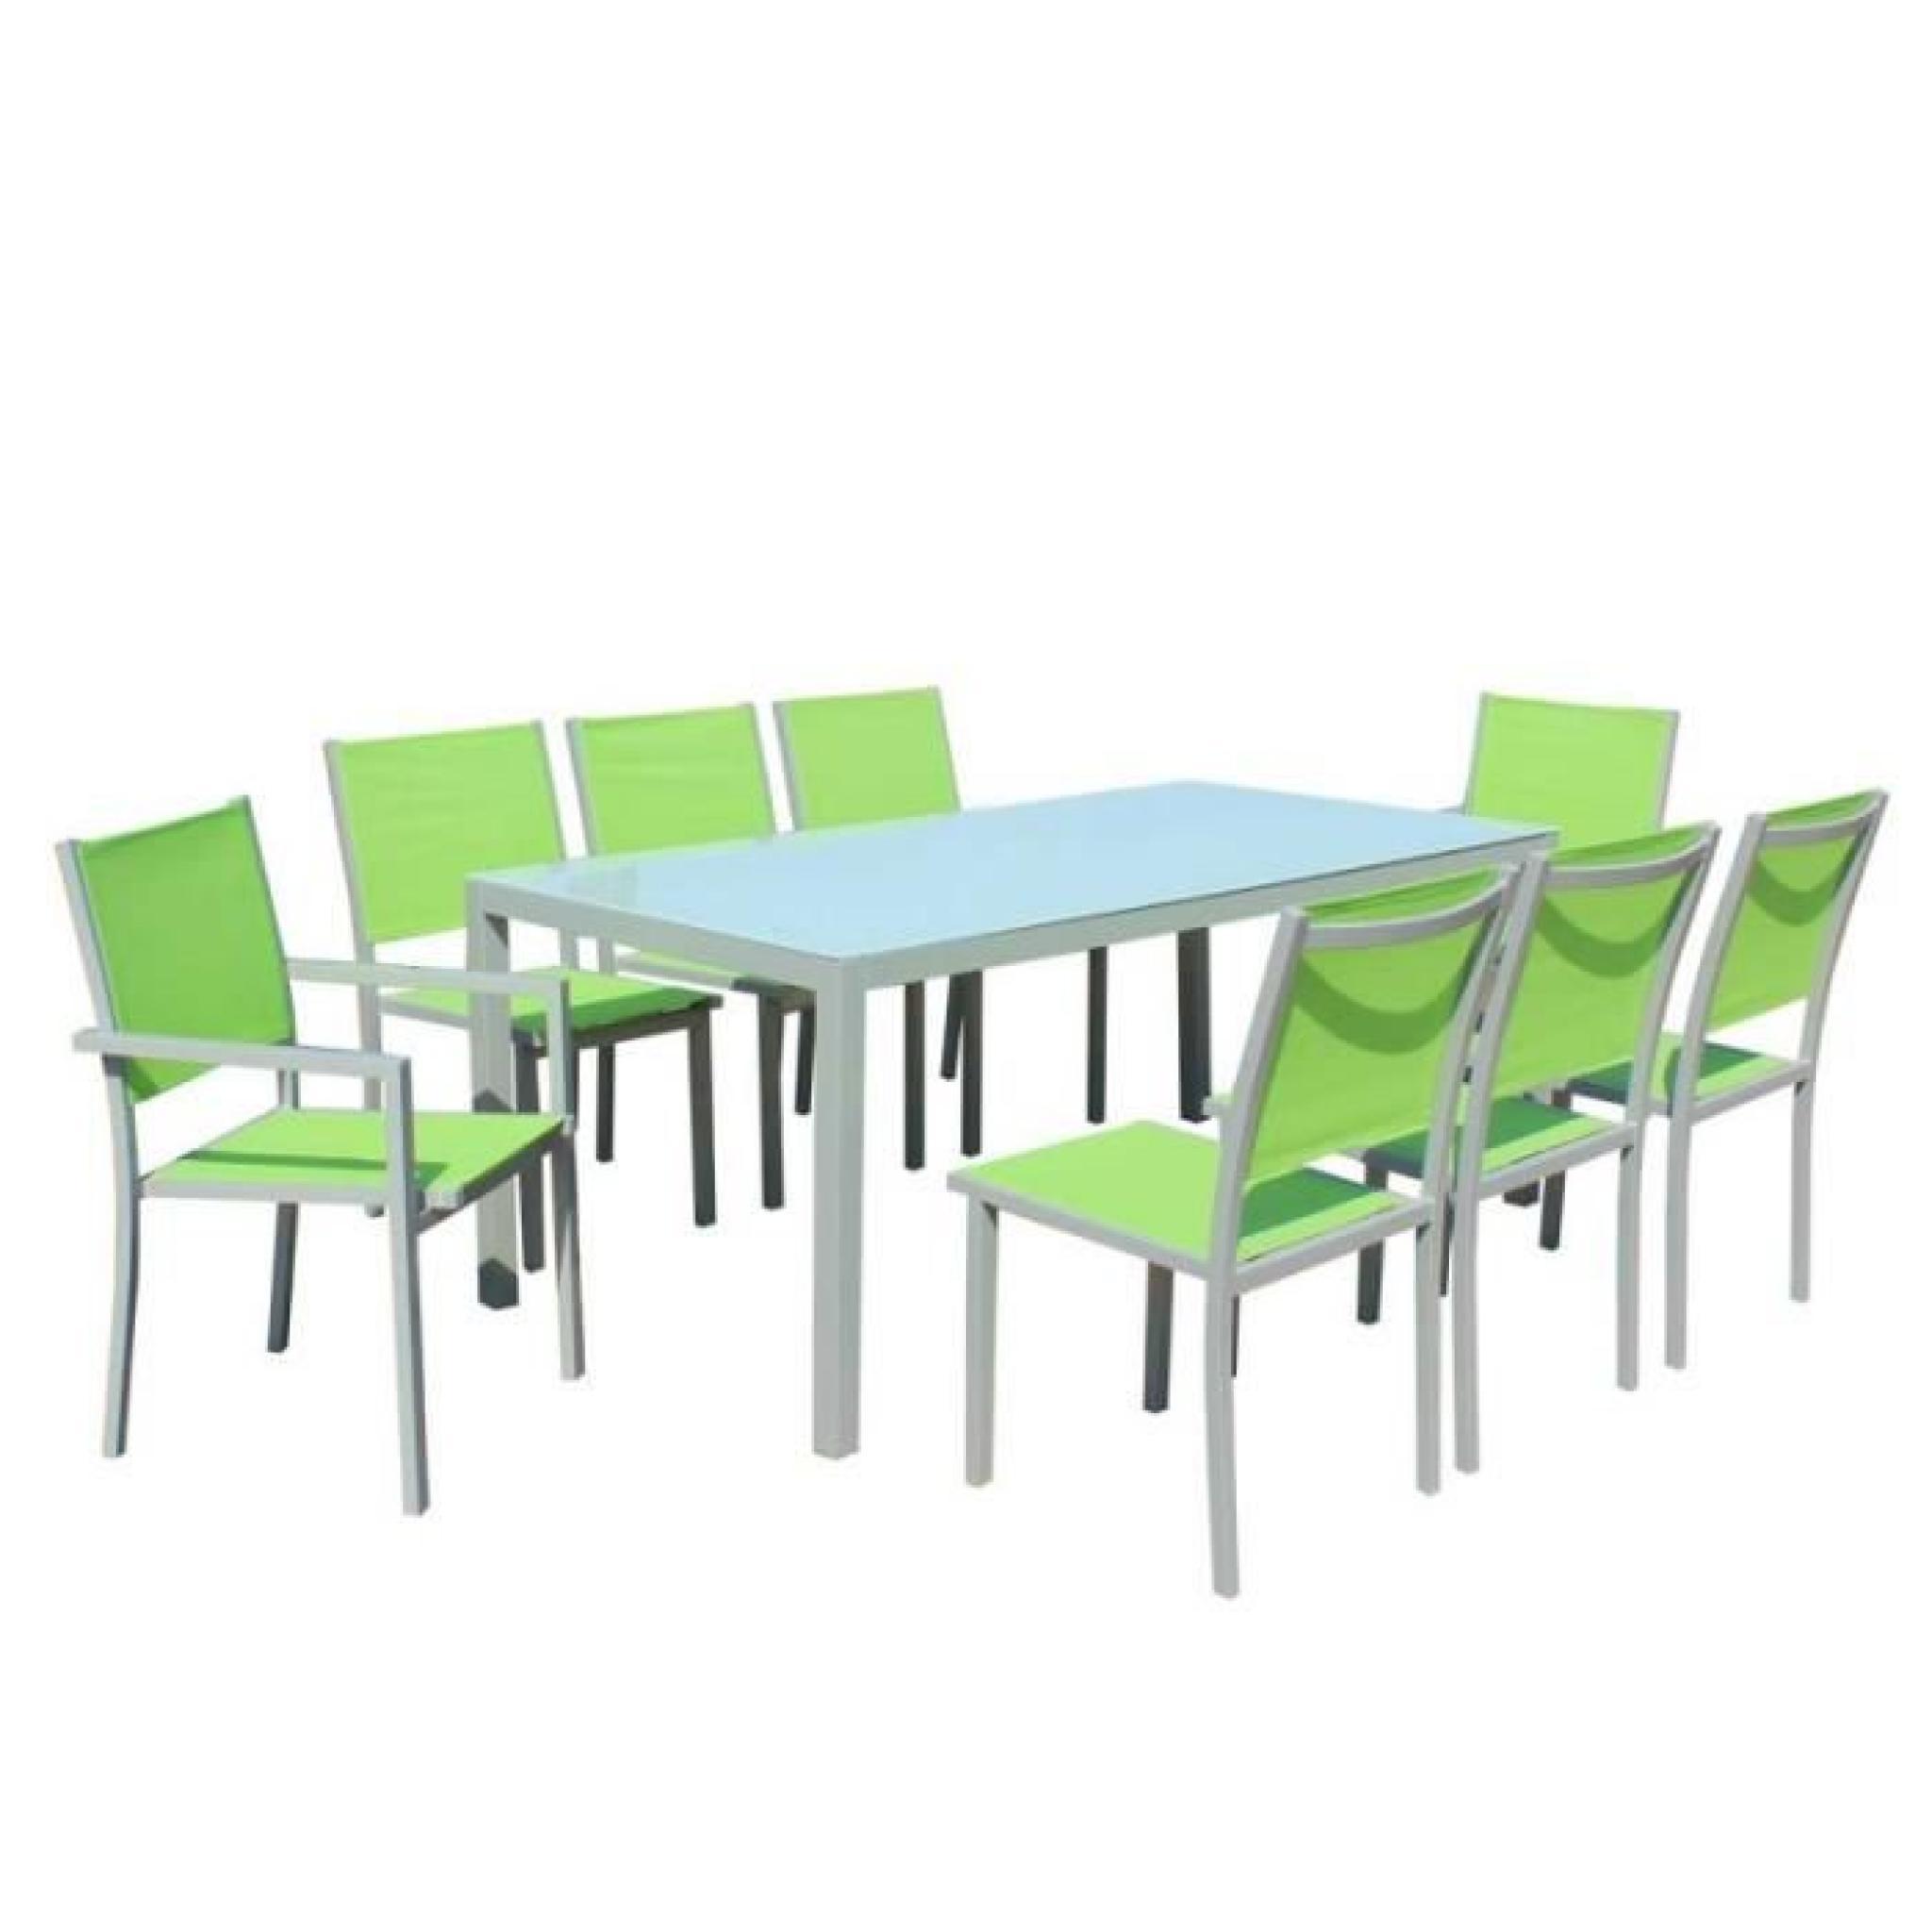 Table Et Chaises De Jardin - 8 Fauteuils Pliants - Aluminium Et Verre dedans Table Et Chaises De Jardin Pas Cher